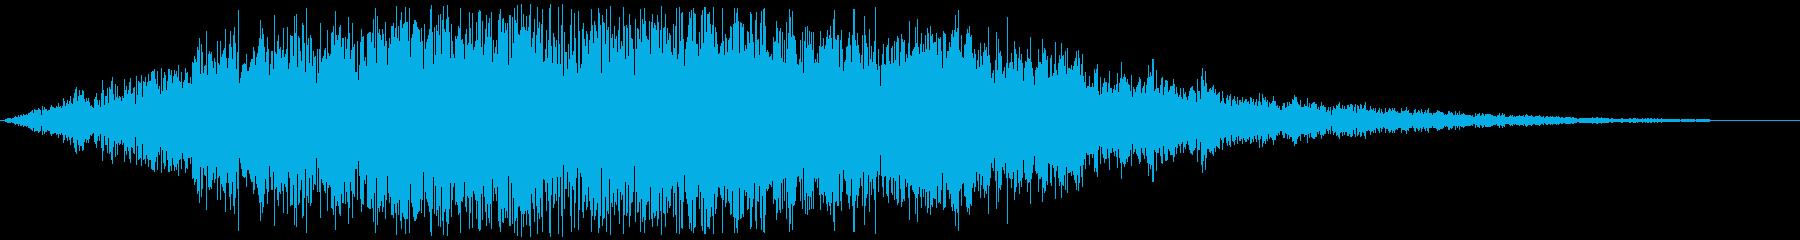 サウンドロゴ(癒やし系) ファーンの再生済みの波形